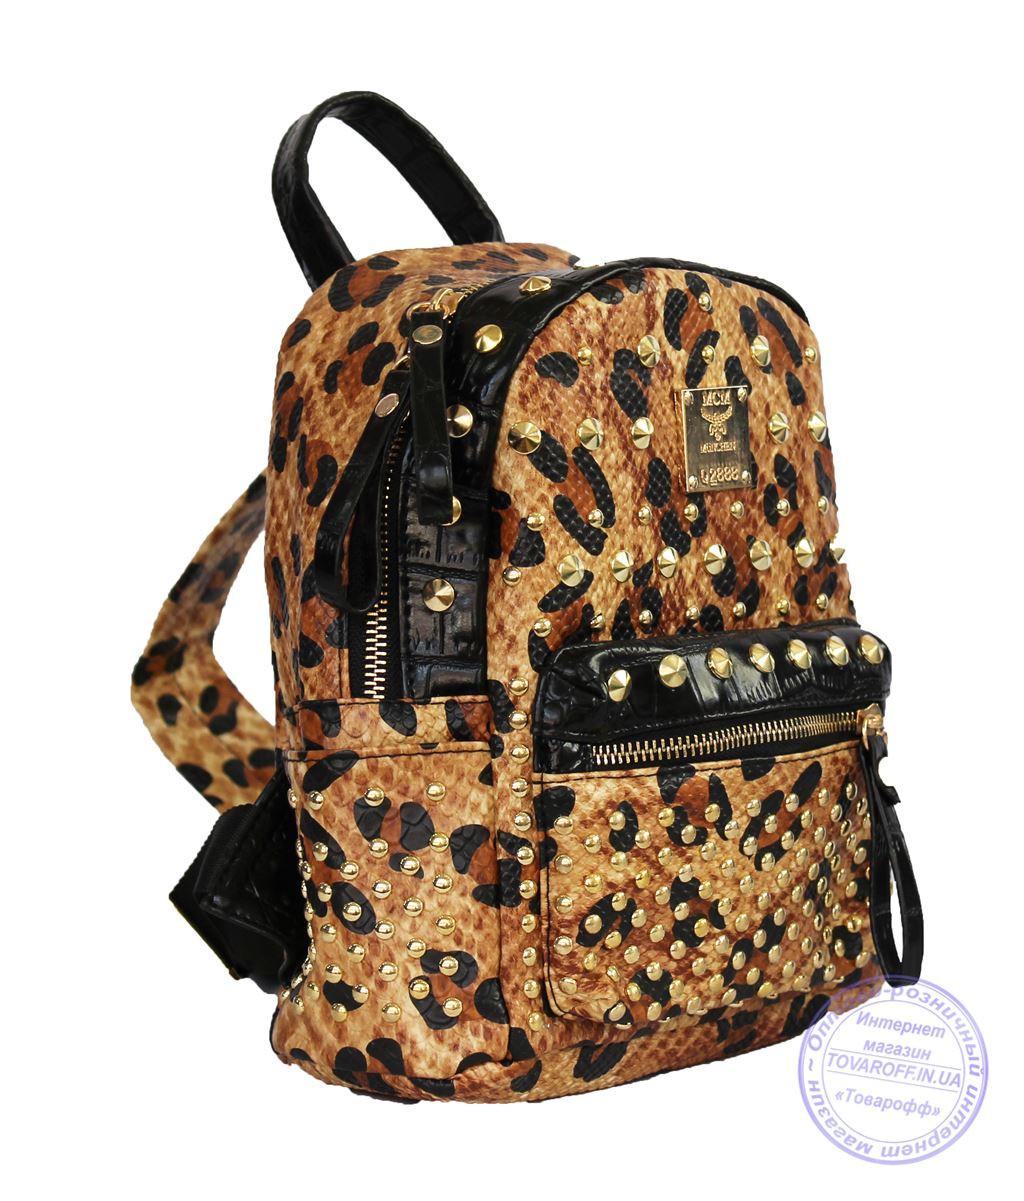 Рюкзак с заклепками леопардовый из эко кожи - 519